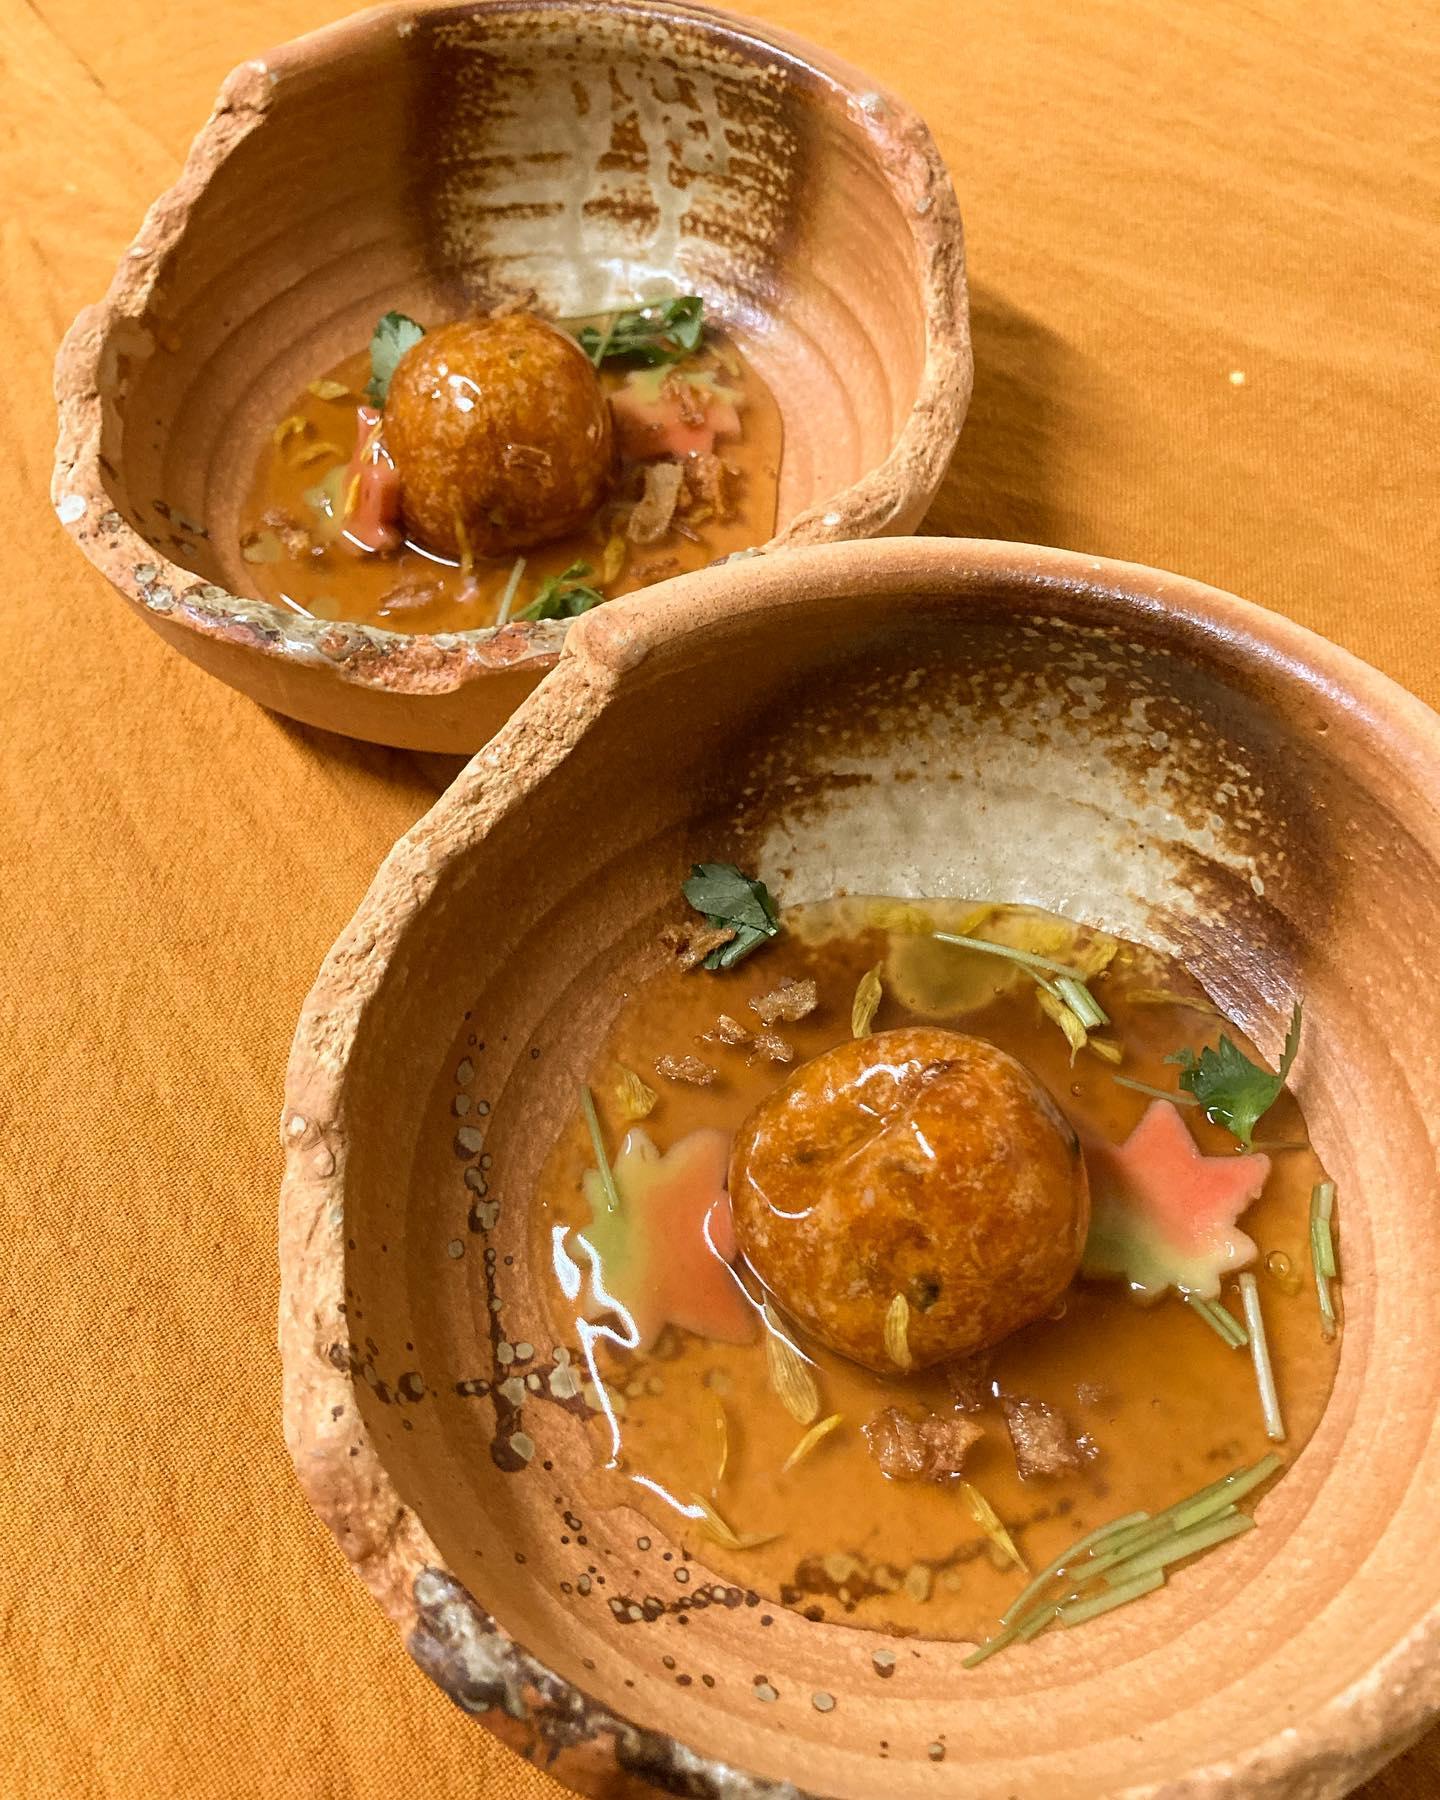 【おはしどころ菜でしこ】 〜かぼちゃチーズ饅頭秋あんかけ〜    煮付けにしたかぼちゃを潰して丸め、 中にモッツァレラチーズをたっぷり。   香ばしい香りがするくらいに揚げてあります    菊花と紅葉麩で秋を感じるあんかけで 召し上がってください       【17:00〜21:00】 【ラストオーダ20:00】  【埼玉県本庄駅徒歩30秒】 【駐車場️3台有り】  【お店️0495-23-3058】 【携帯080-3455-4951】 【インスタのメッセージ問合せ】      〜〜〜〜テイクアウトメニュー〜〜〜〜      ◉「豚なんこつのトロトロ煮」            税込853円   ◉「おまかせお酒のお供セット」            税込1900円〜   ◉「お家で贅沢!和食コース料理」         ・全8品を順番に          1人前税込3900円〜             (2名様より)   ◉「大皿ごとテイクアウト!   和食オードブル盛り合わせ   炊き立て土鍋ごはん付き(高菜)」          3〜4人前税込12000円〜            (お皿は要返却です)   ◉「炊き立て土鍋ごはん単品」      ・白米 3〜4人前 税込990円      ・高菜 3〜4人前 税込1200円    基本的には前日までの ご予約となります。 (食材管理の都合上すみません)   お気軽にお問い合わせください      